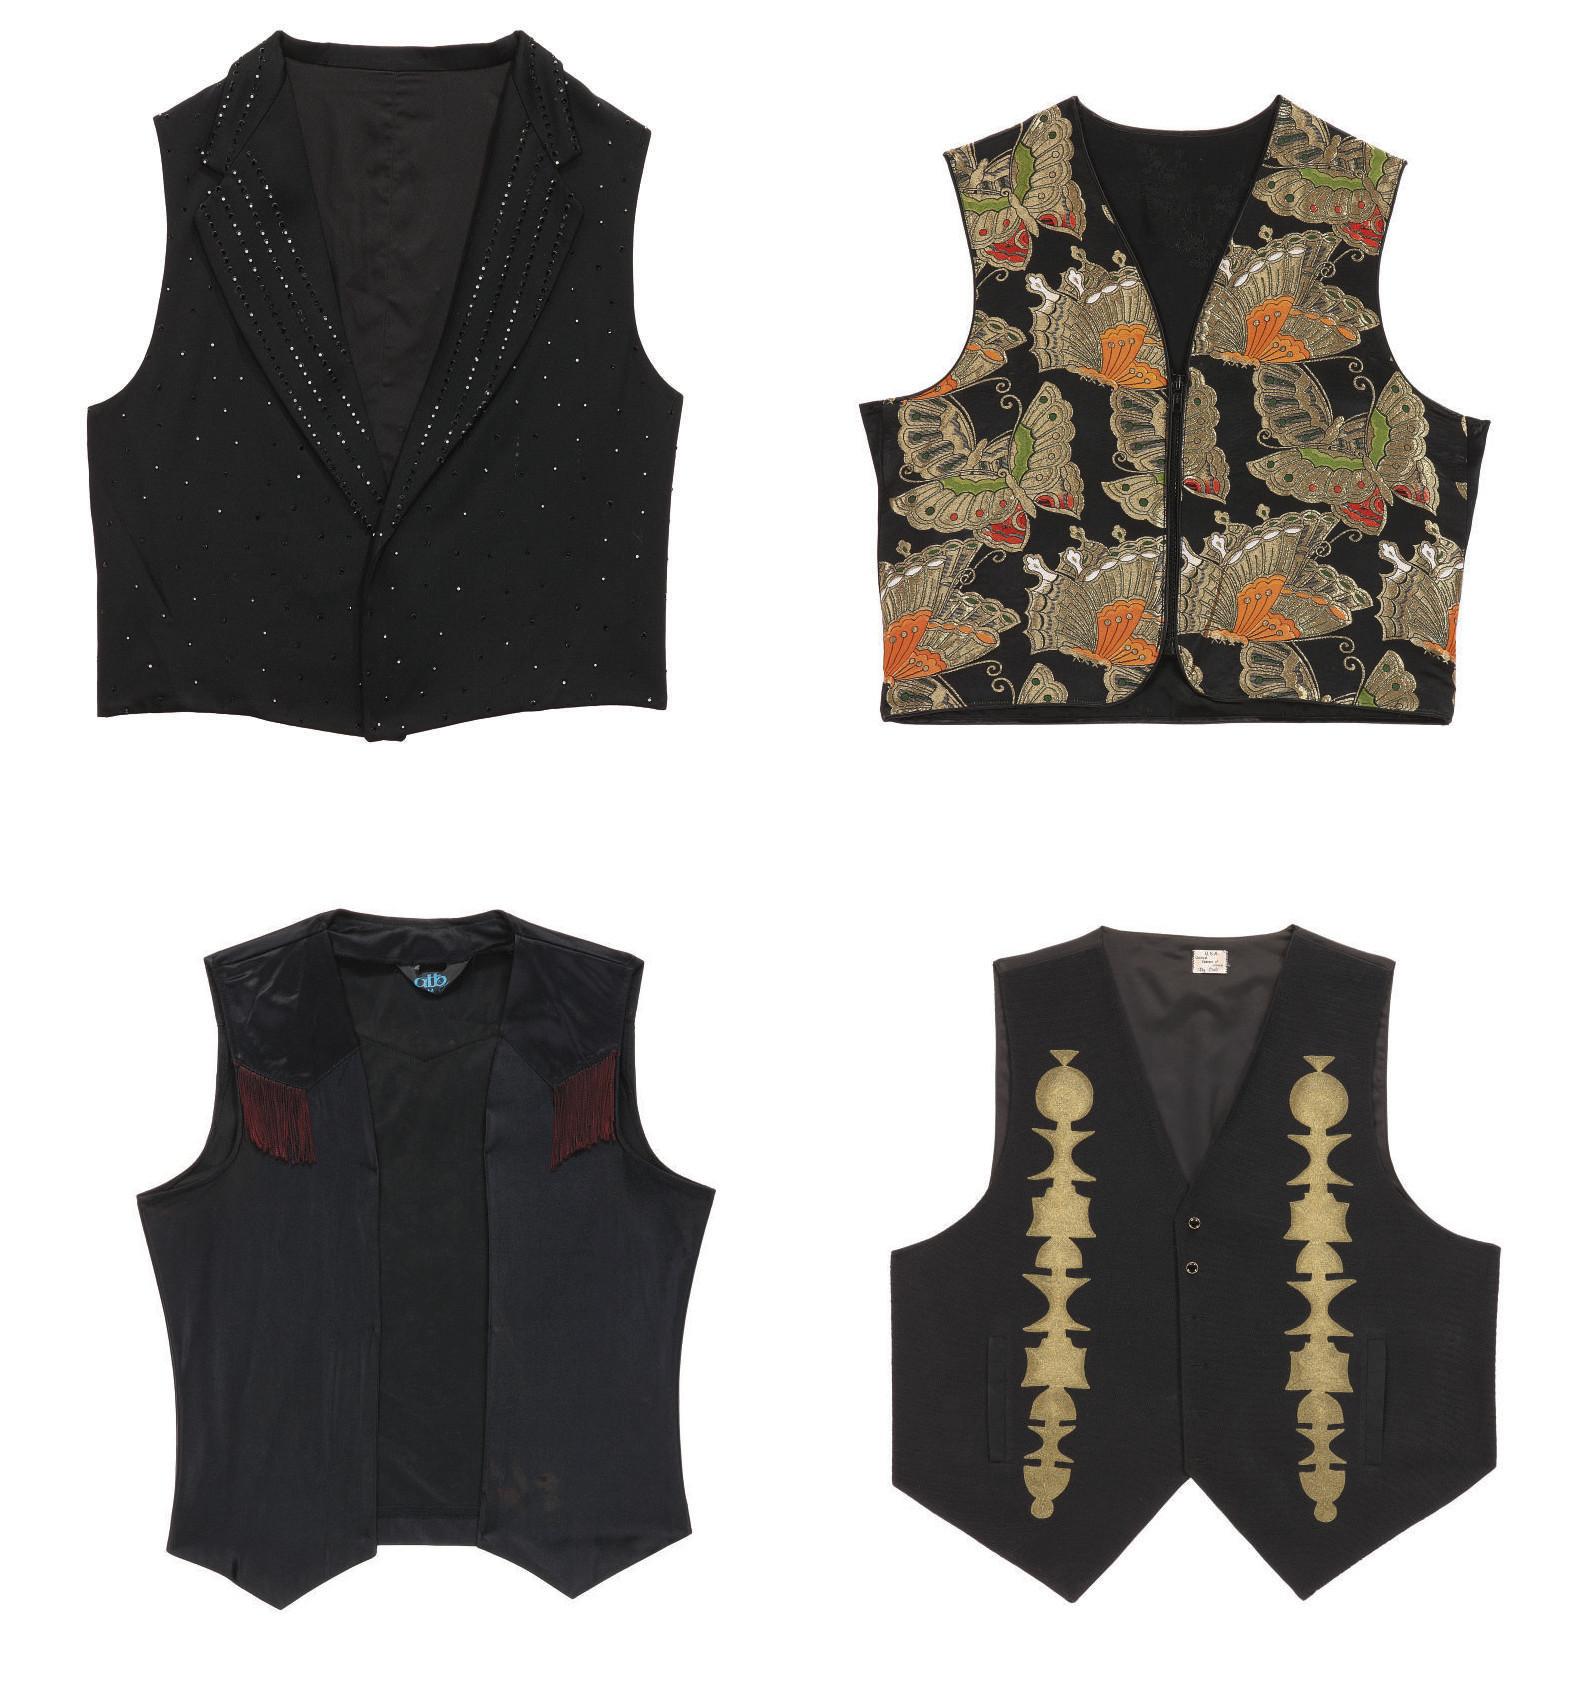 Black Vests